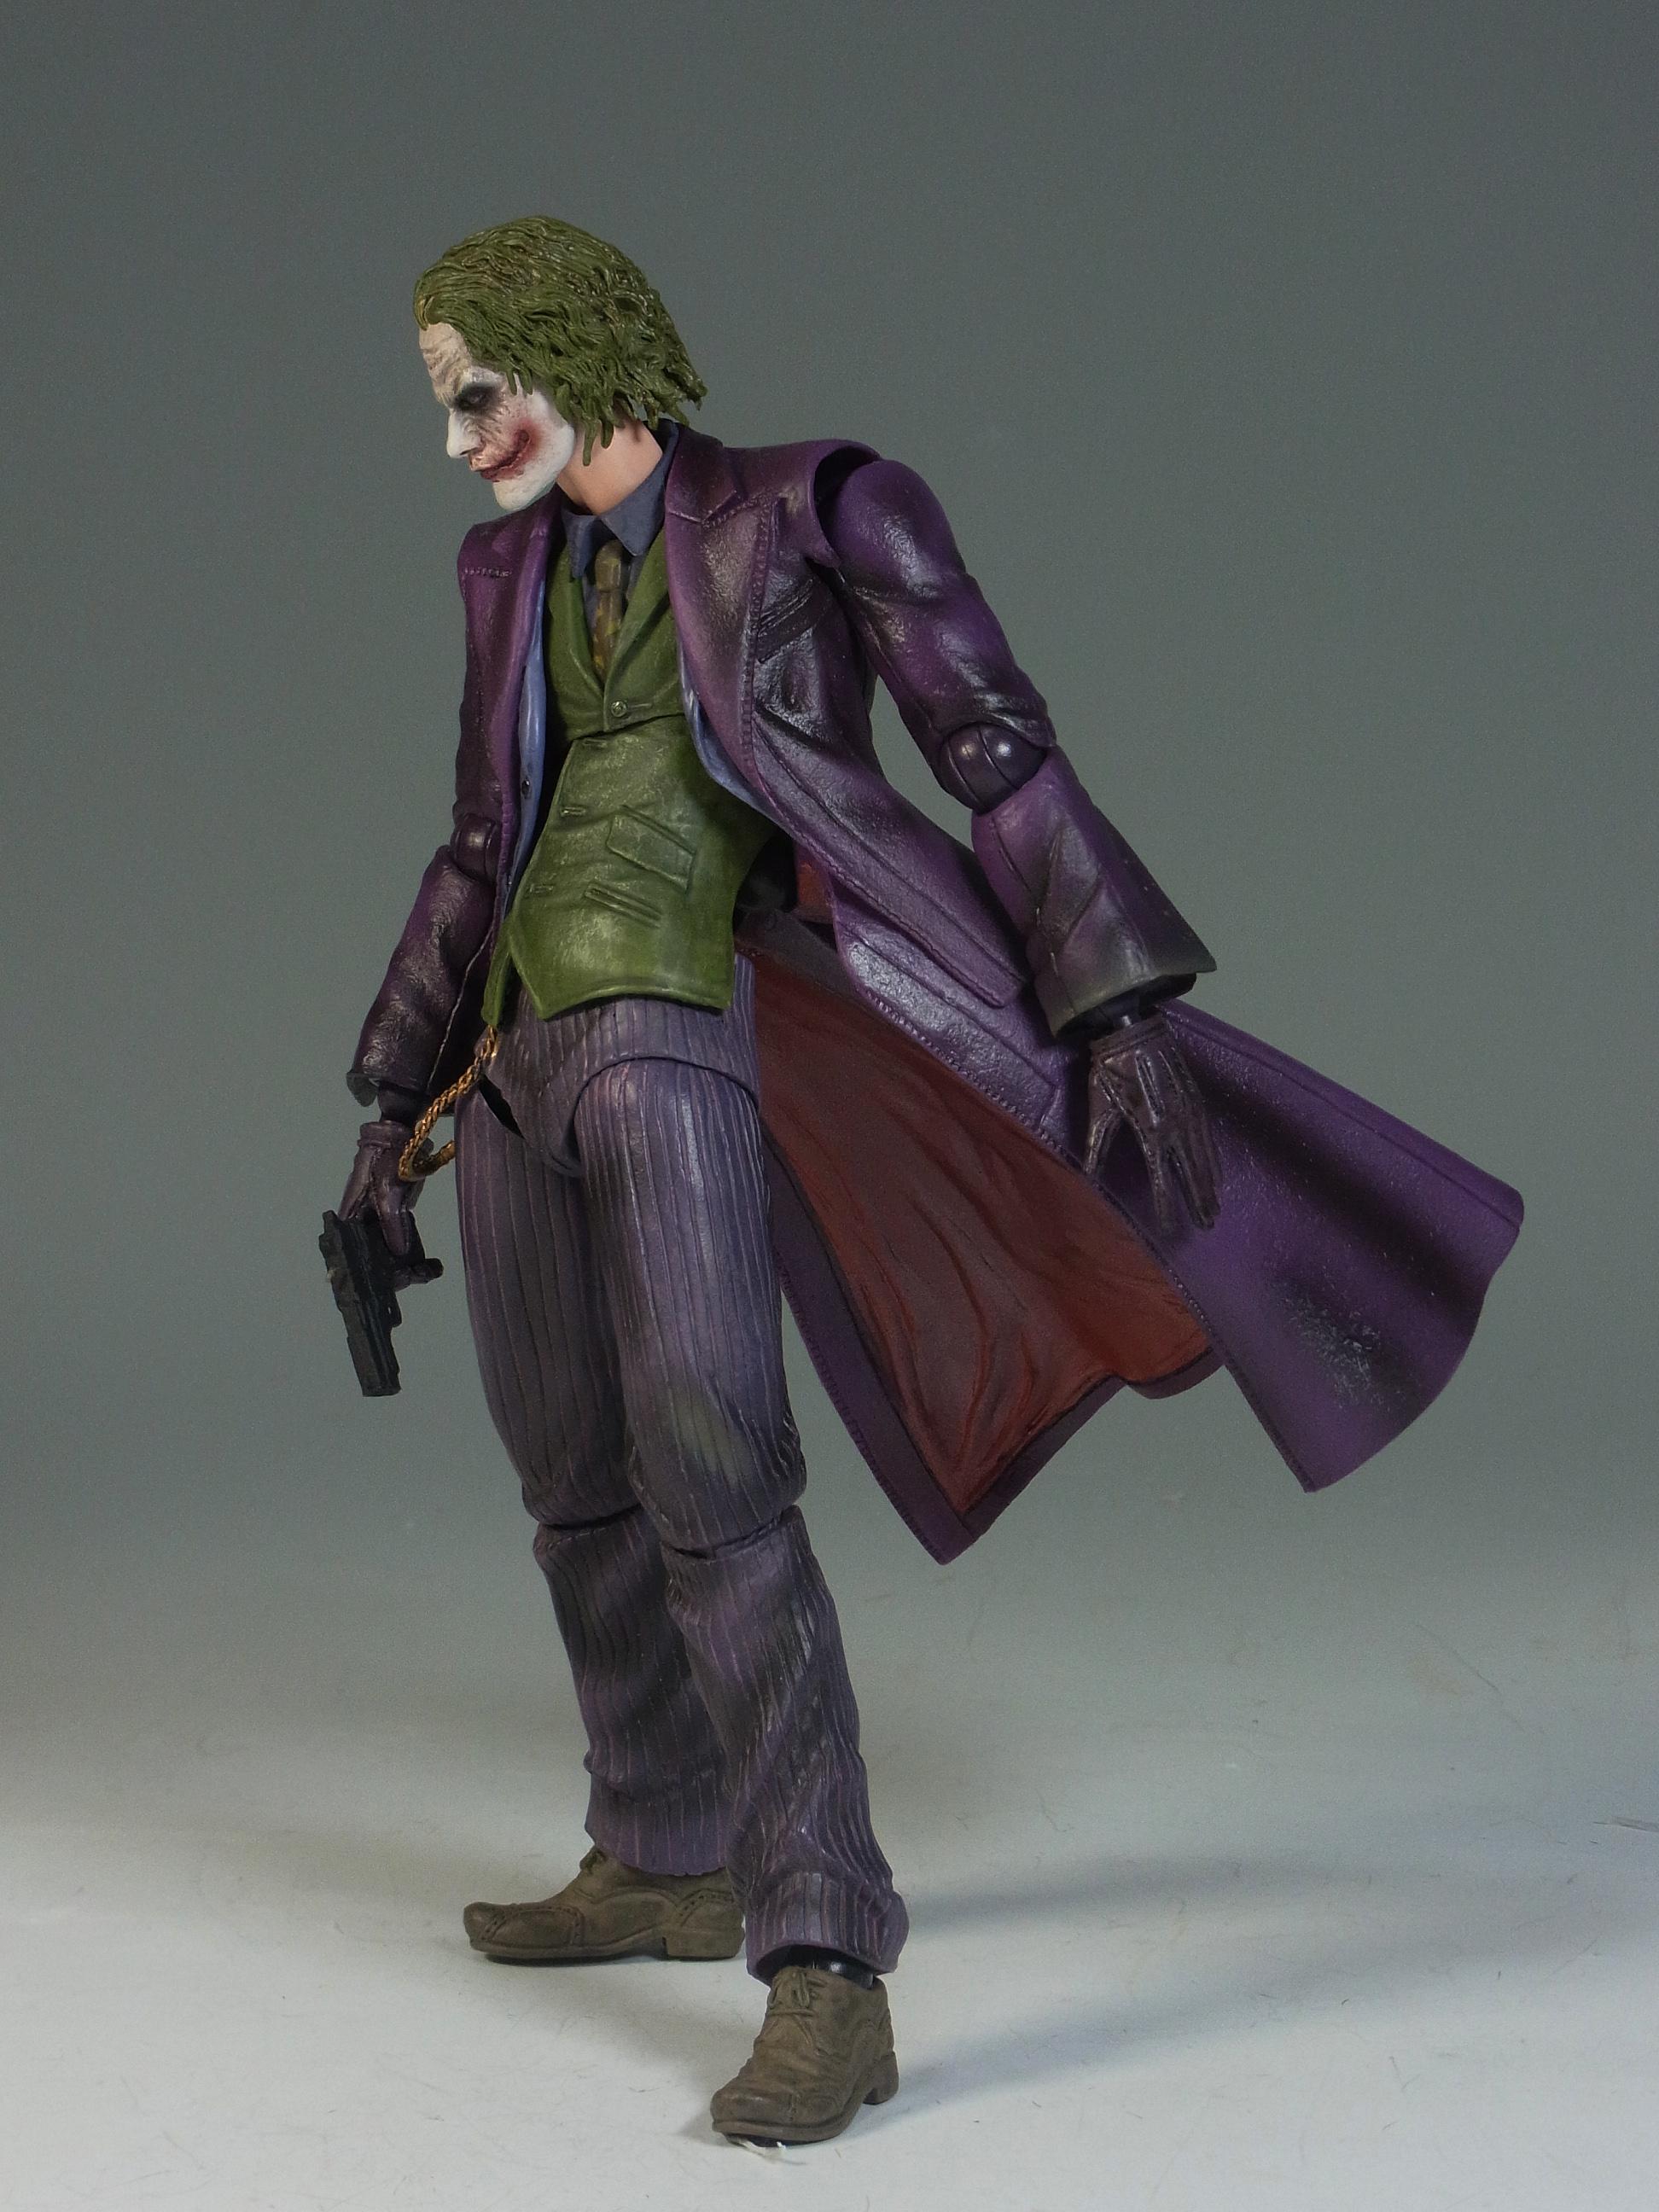 joker022.jpg